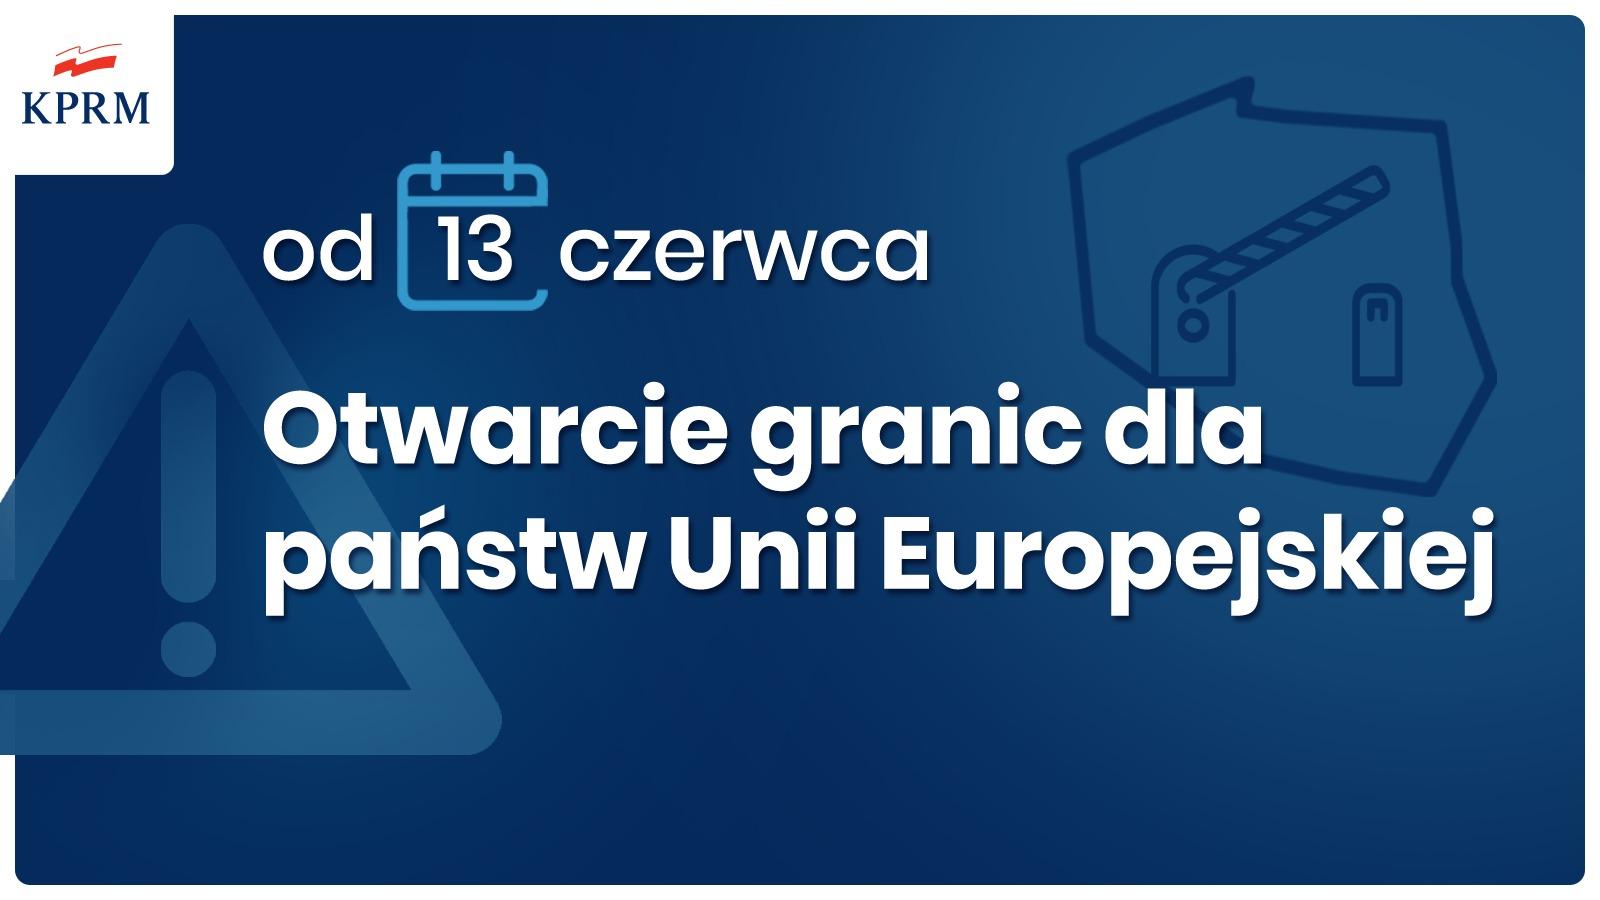 Polska od 13 czerwca 2020 otwiera granice. Brak obowiązkowej kwarantanny, wrócą też loty!